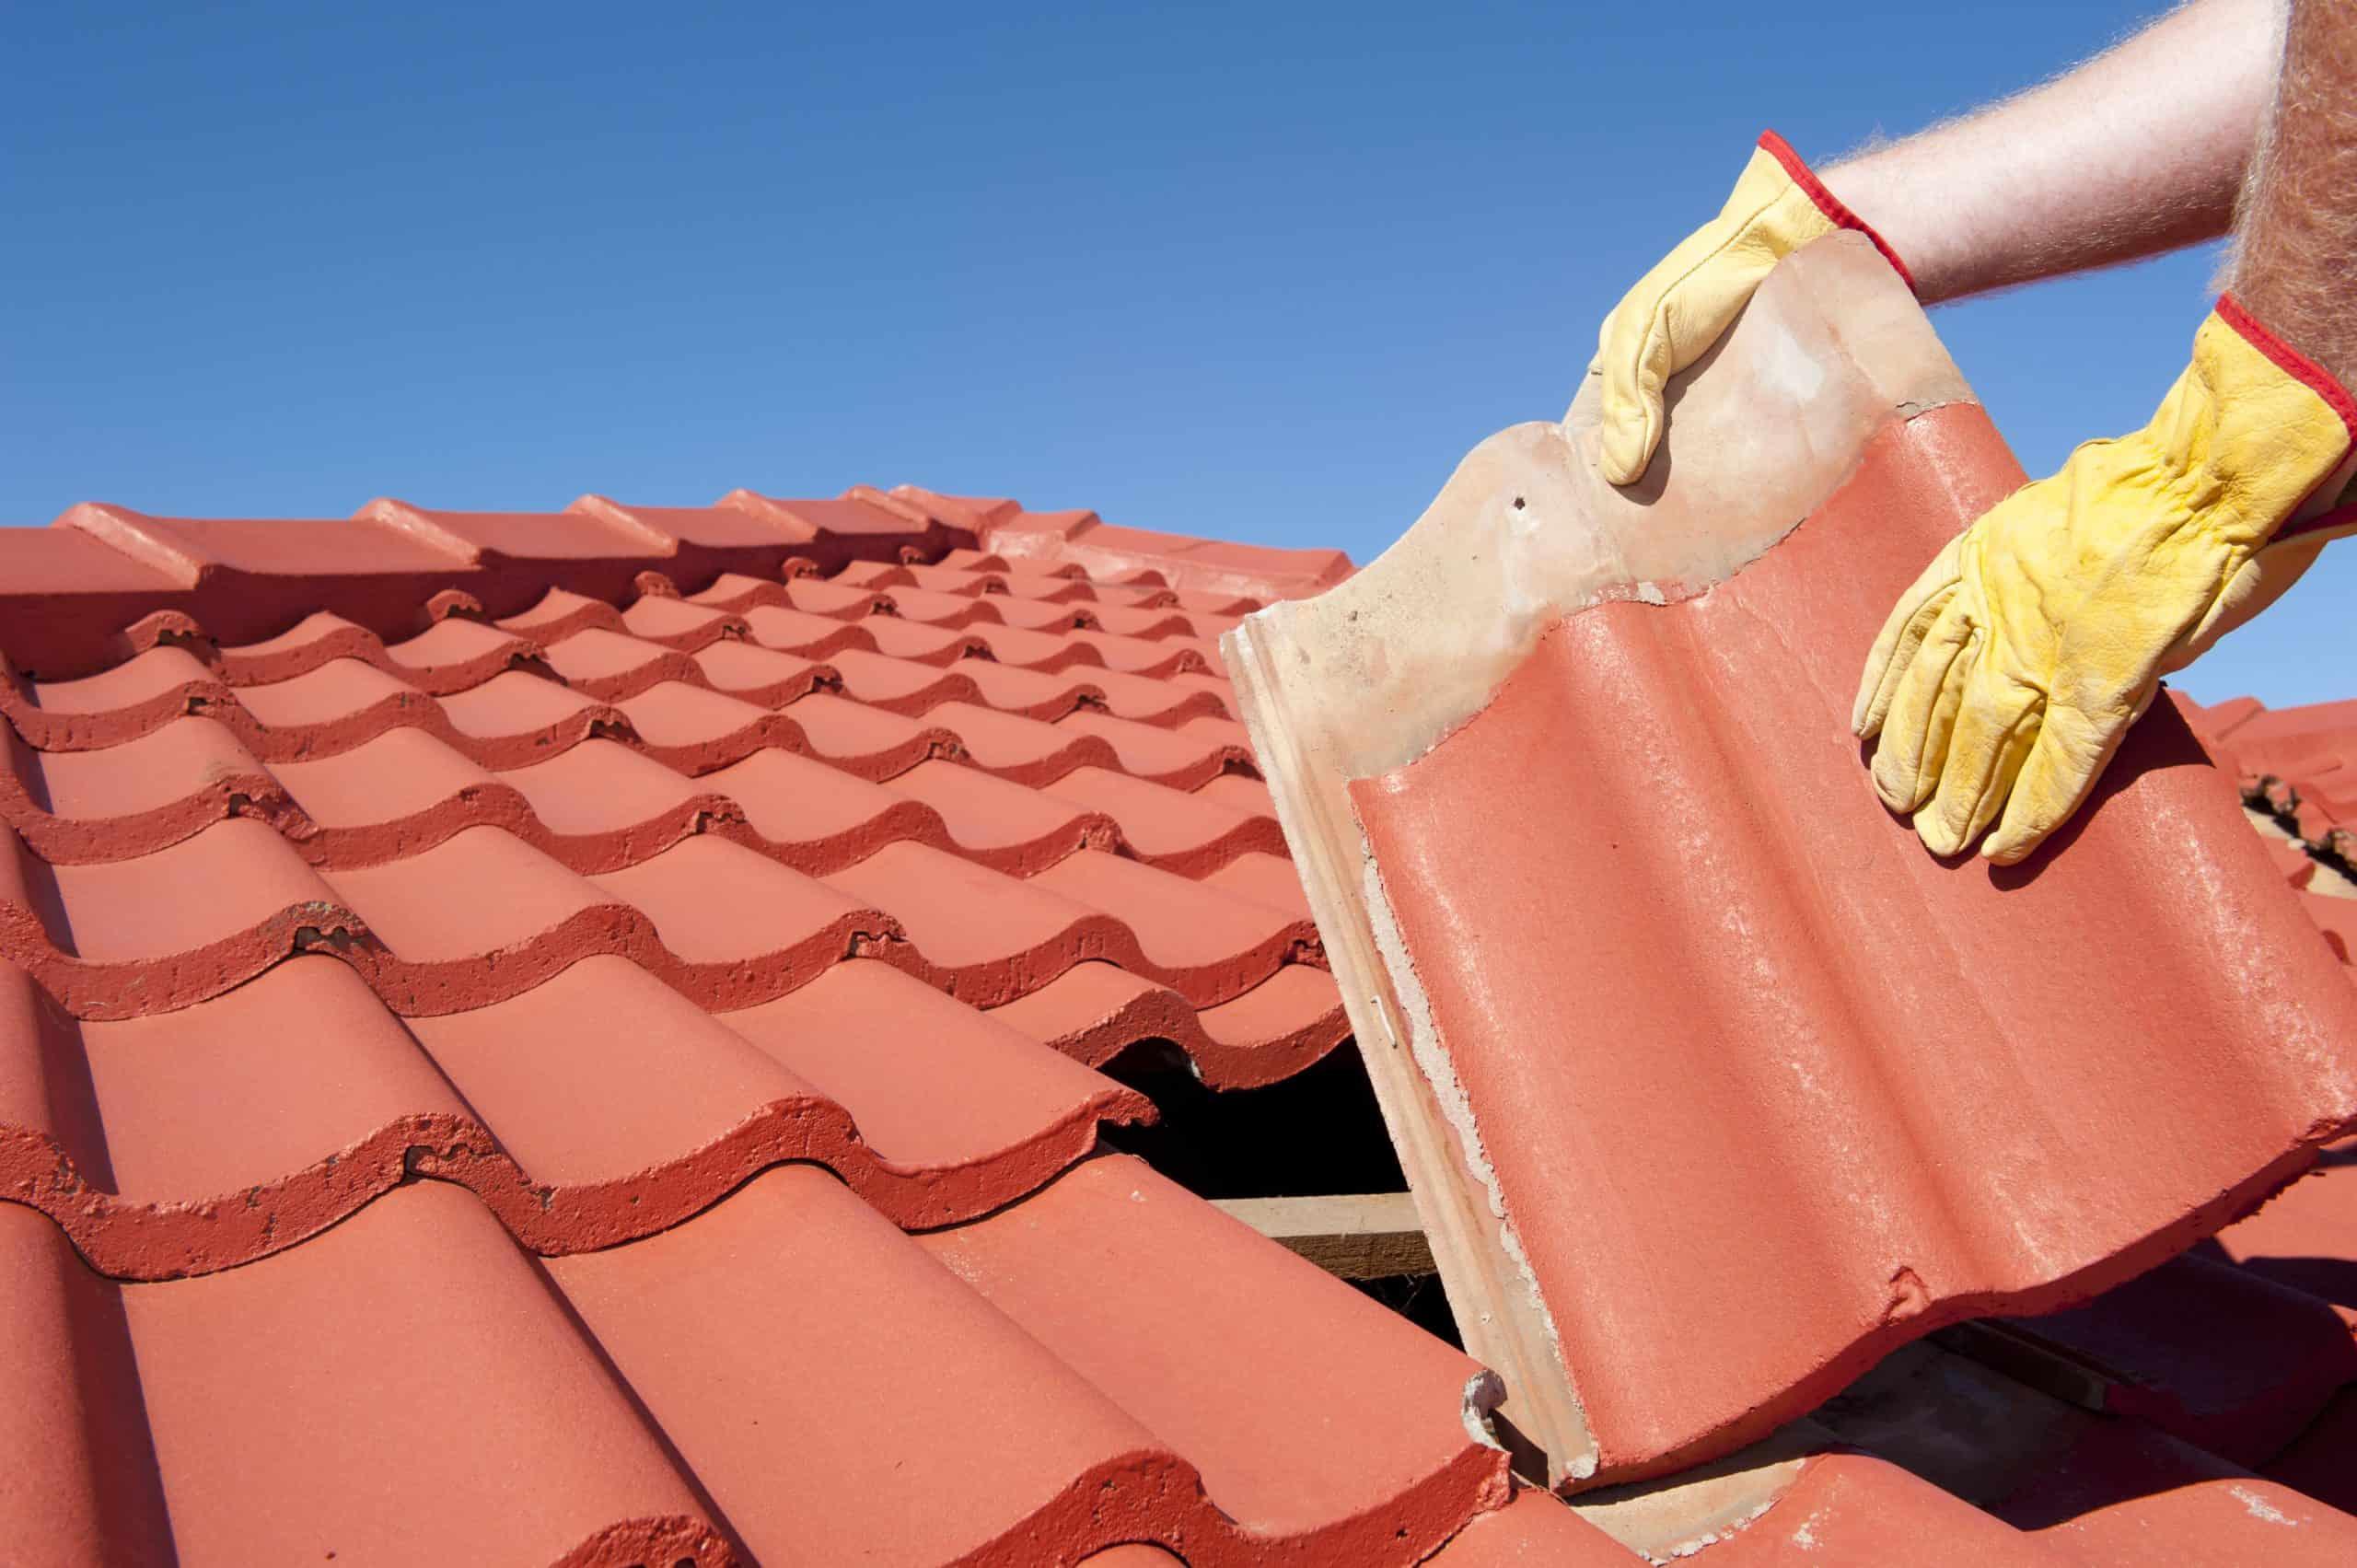 Melbourne roof restoration experts